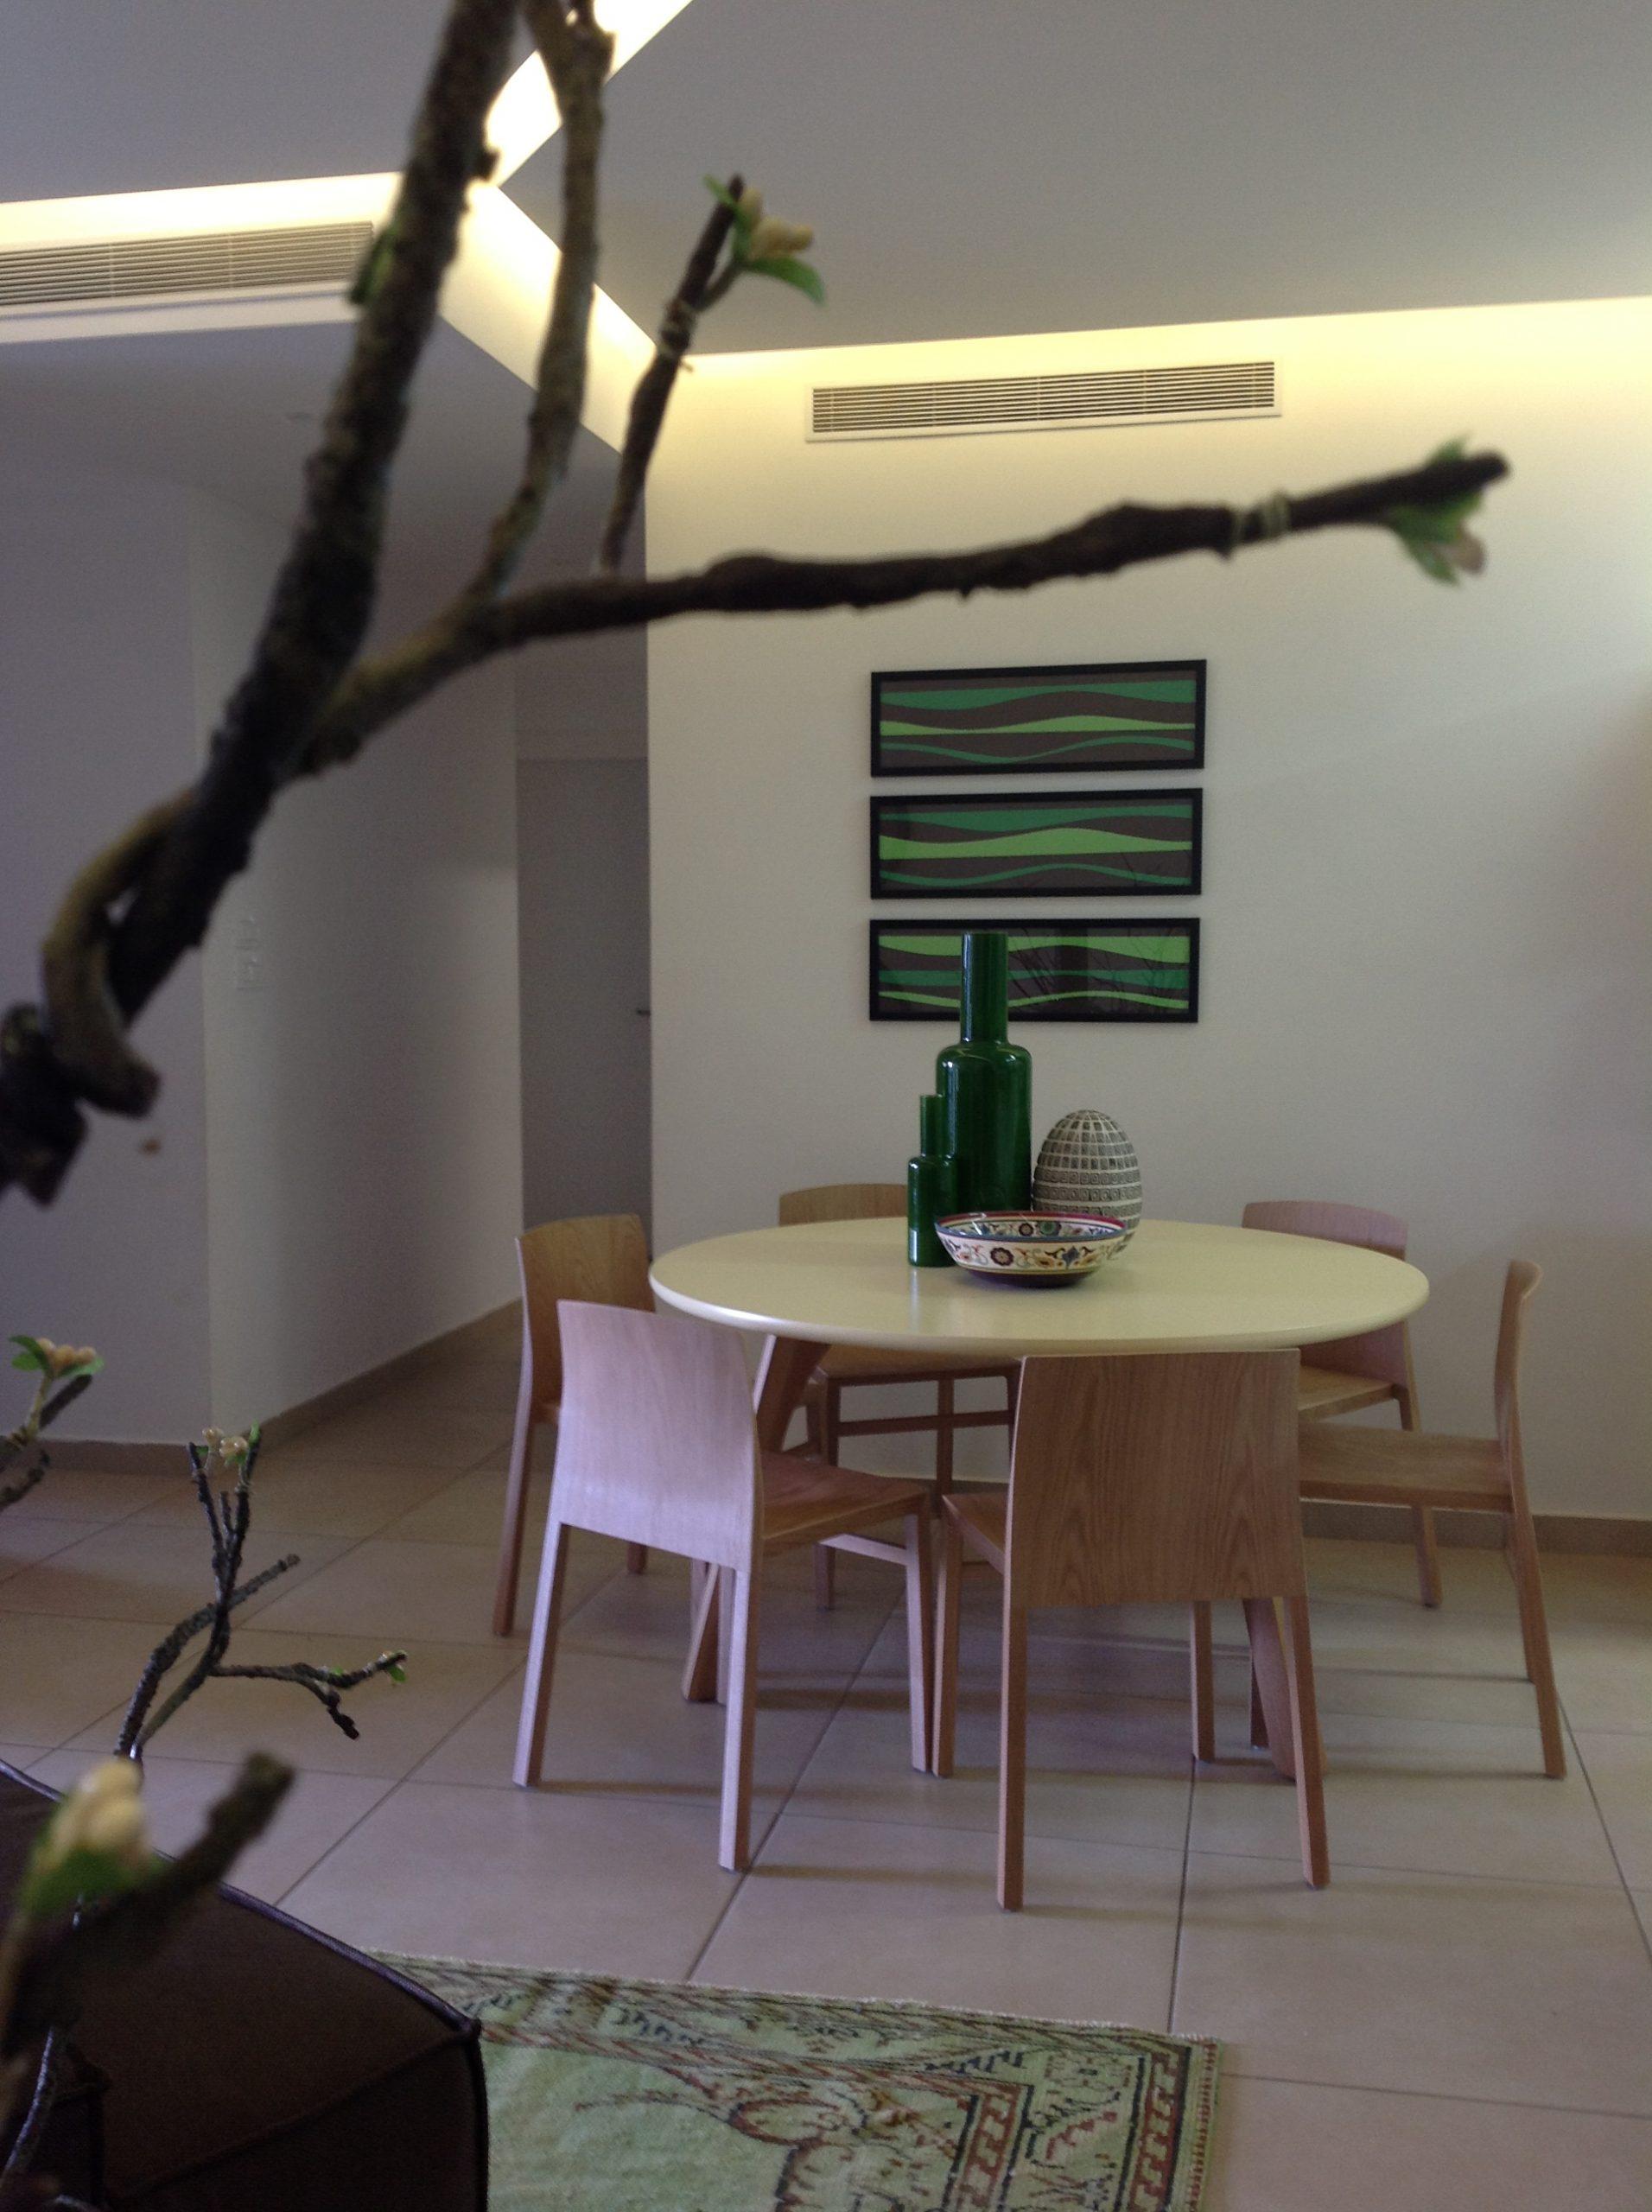 חלל מגורים בדירה בנתניה – פינת אוכל